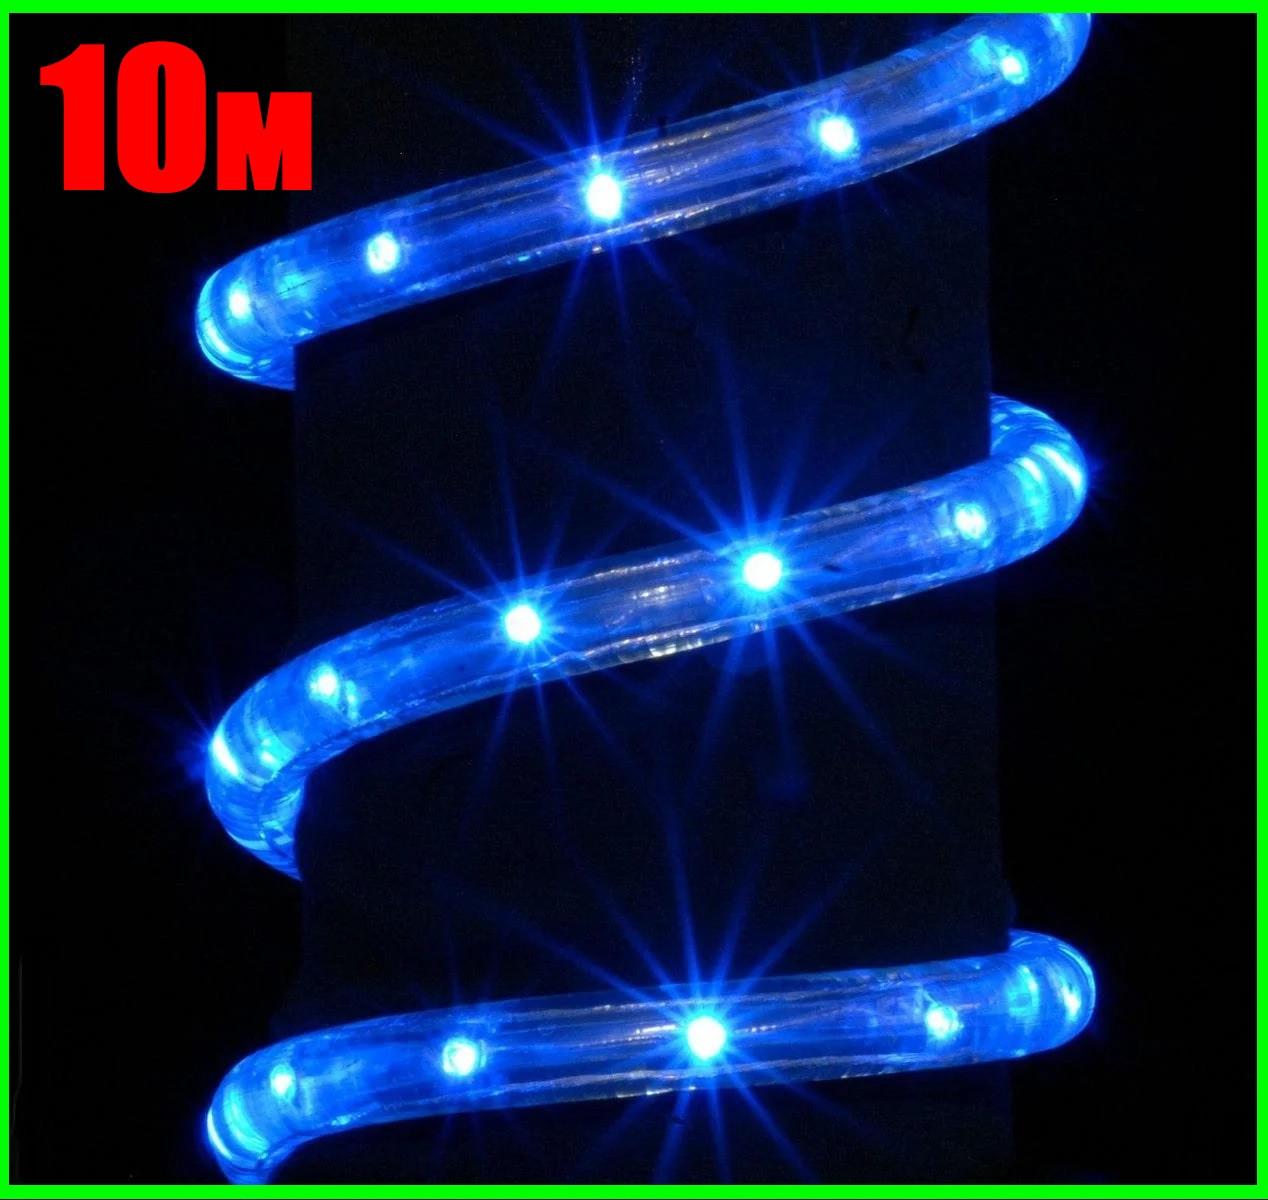 Синя Неонова Вулична Гірлянда 10 метрів Силіконовий Шланг LED Світлодіодна Вологозахисна